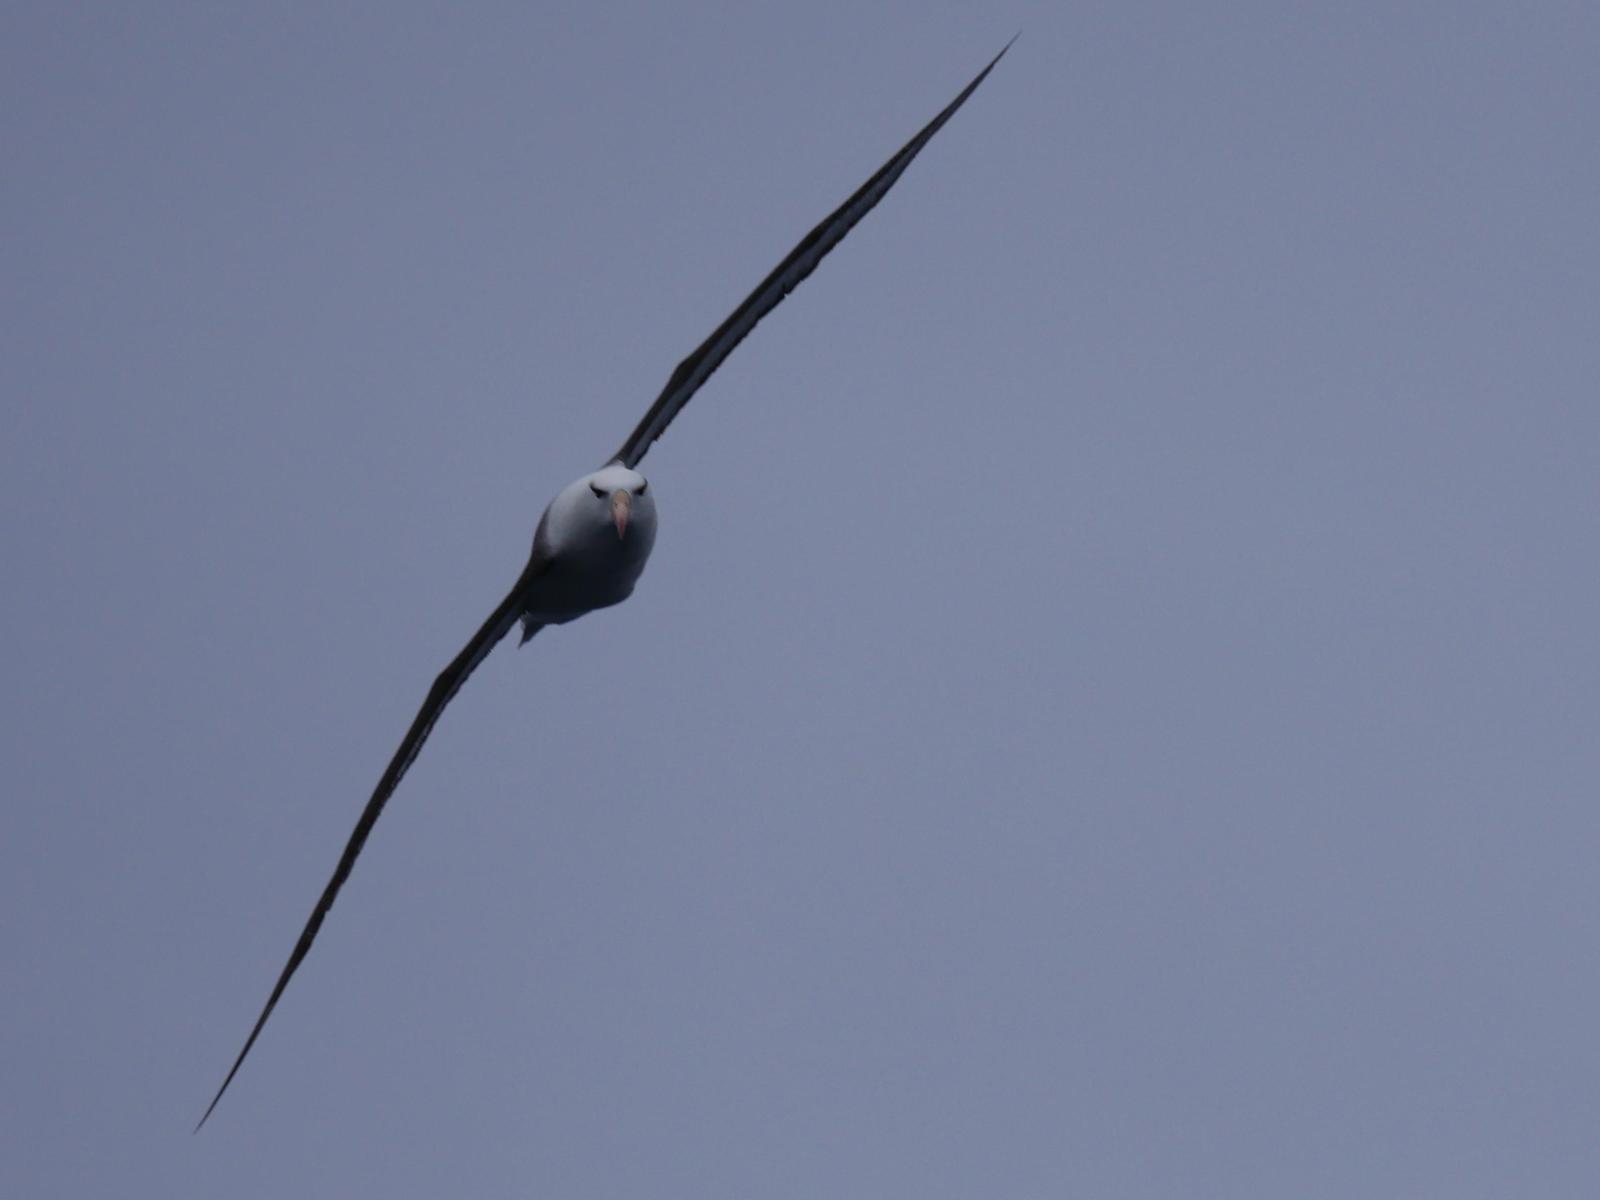 Black-browed Albatross Photo by Peter Lowe